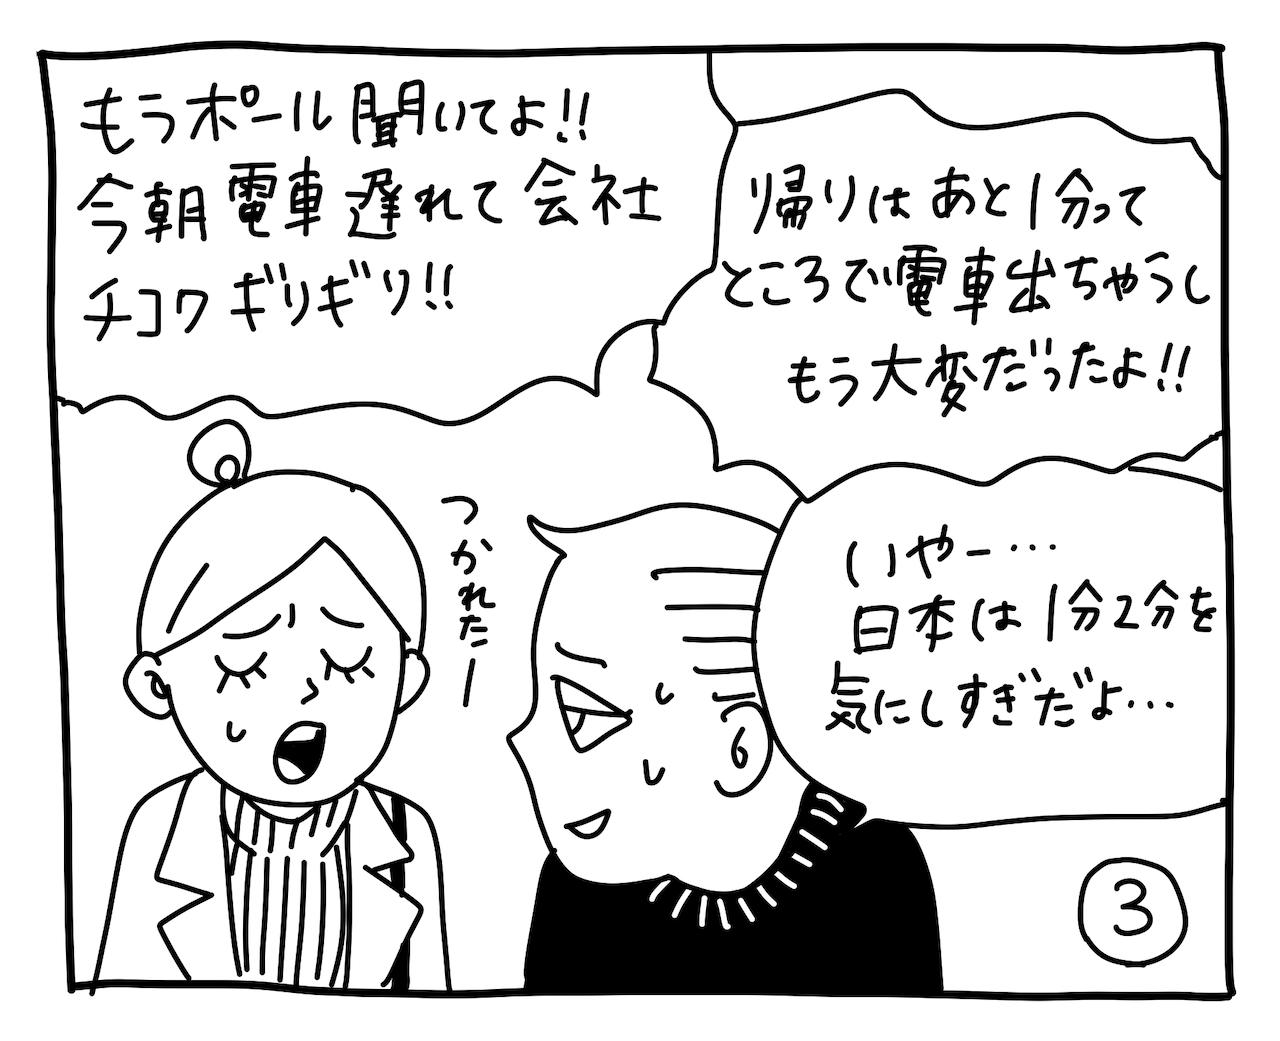 新文化ギャップ漫画【6】交通機関問題 其ノ一